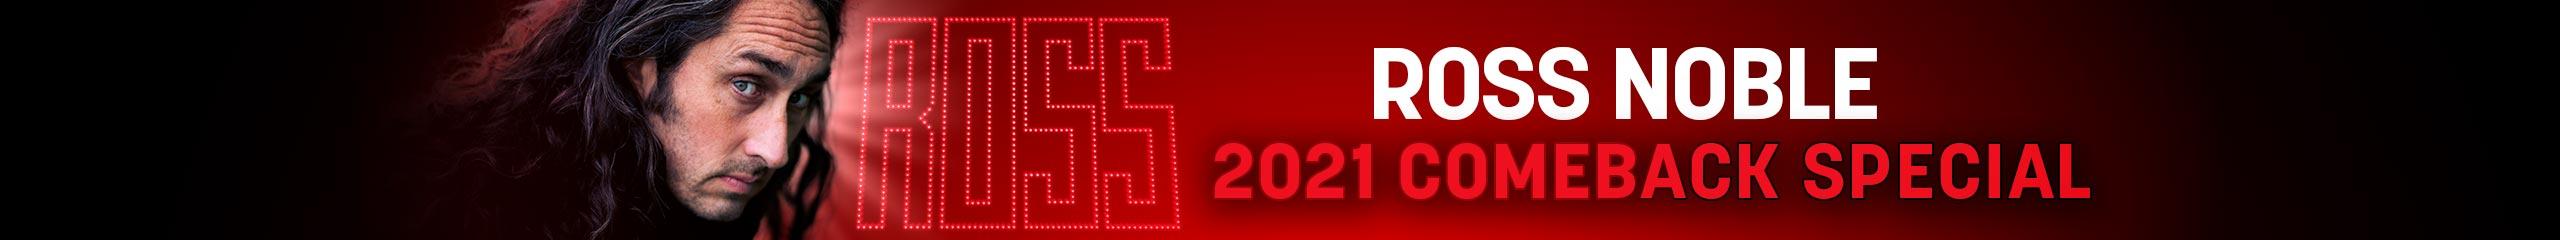 2021 Comeback Special